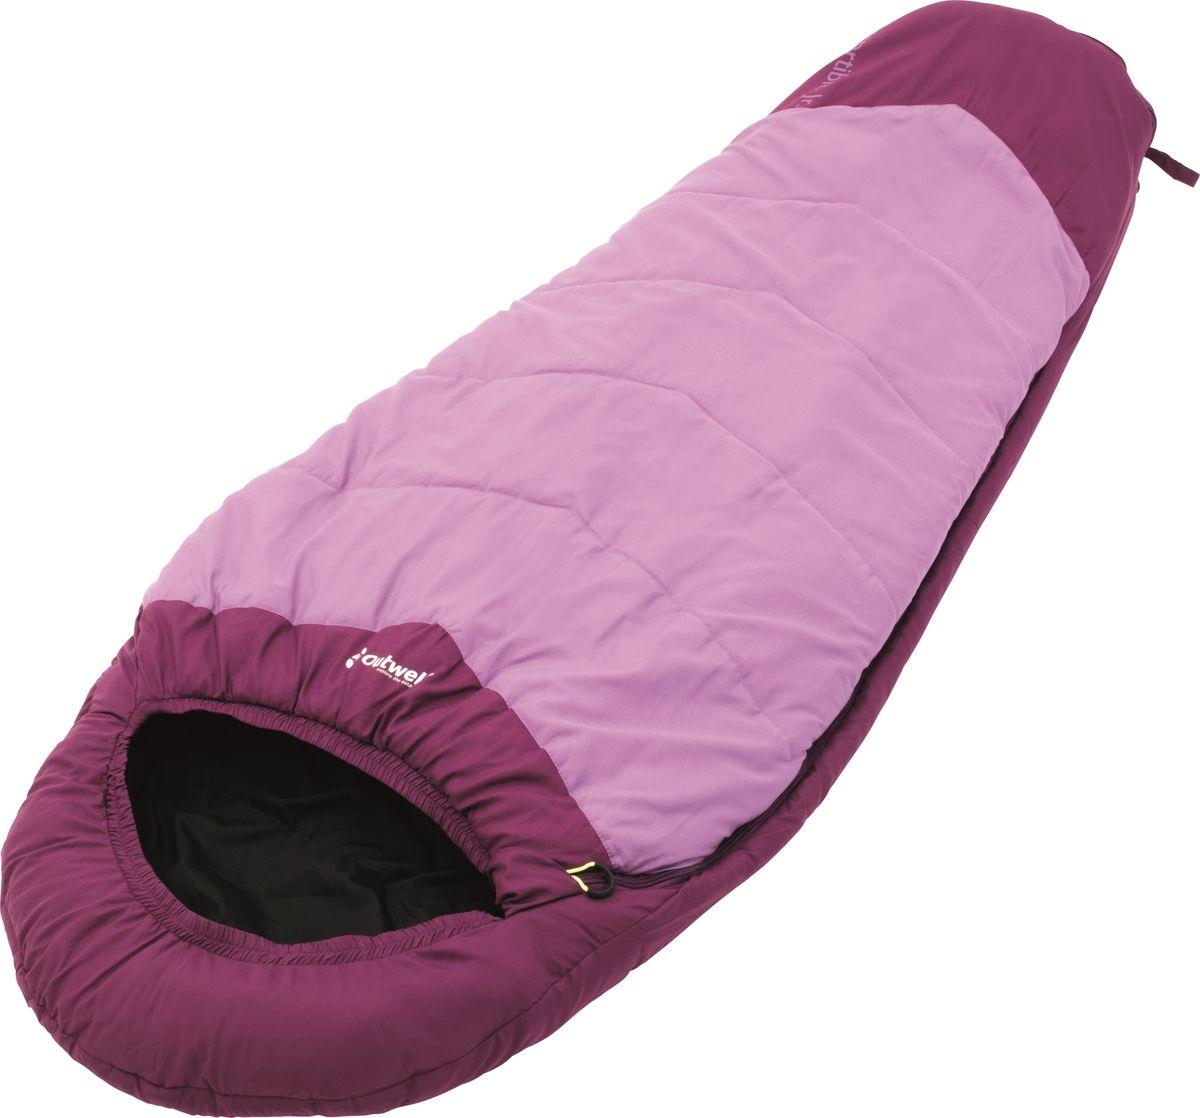 Спальный мешок Outwell Convertible Junior Magenta, кокон, цвет: розовый, малиновый230152Спальный мешок Outwell Convertible Junior Magenta имеет уникальную коническую форму. Практичные родители, несомненно, оценят его по достоинству. Спальник можно увеличивать в длину от 140 до 170 см, что делает его несомненным фаворитом в течение долгого времени. Конструкция Convertible Junior выполнена таким образом, чтобы дети легко справлялись со своими мешками сами.Особенности:Возможность регулировки длины по мере роста ребенка.Комфортный капюшон, чтобы держать голову и шею в тепле.Уникальная коническая форма, с дополнительным пространством для ног.Защита молнии для тепла на полную длину.Внутренний карман для небольших вещей.Компрессионный мешок.Защита от заедания молнии.